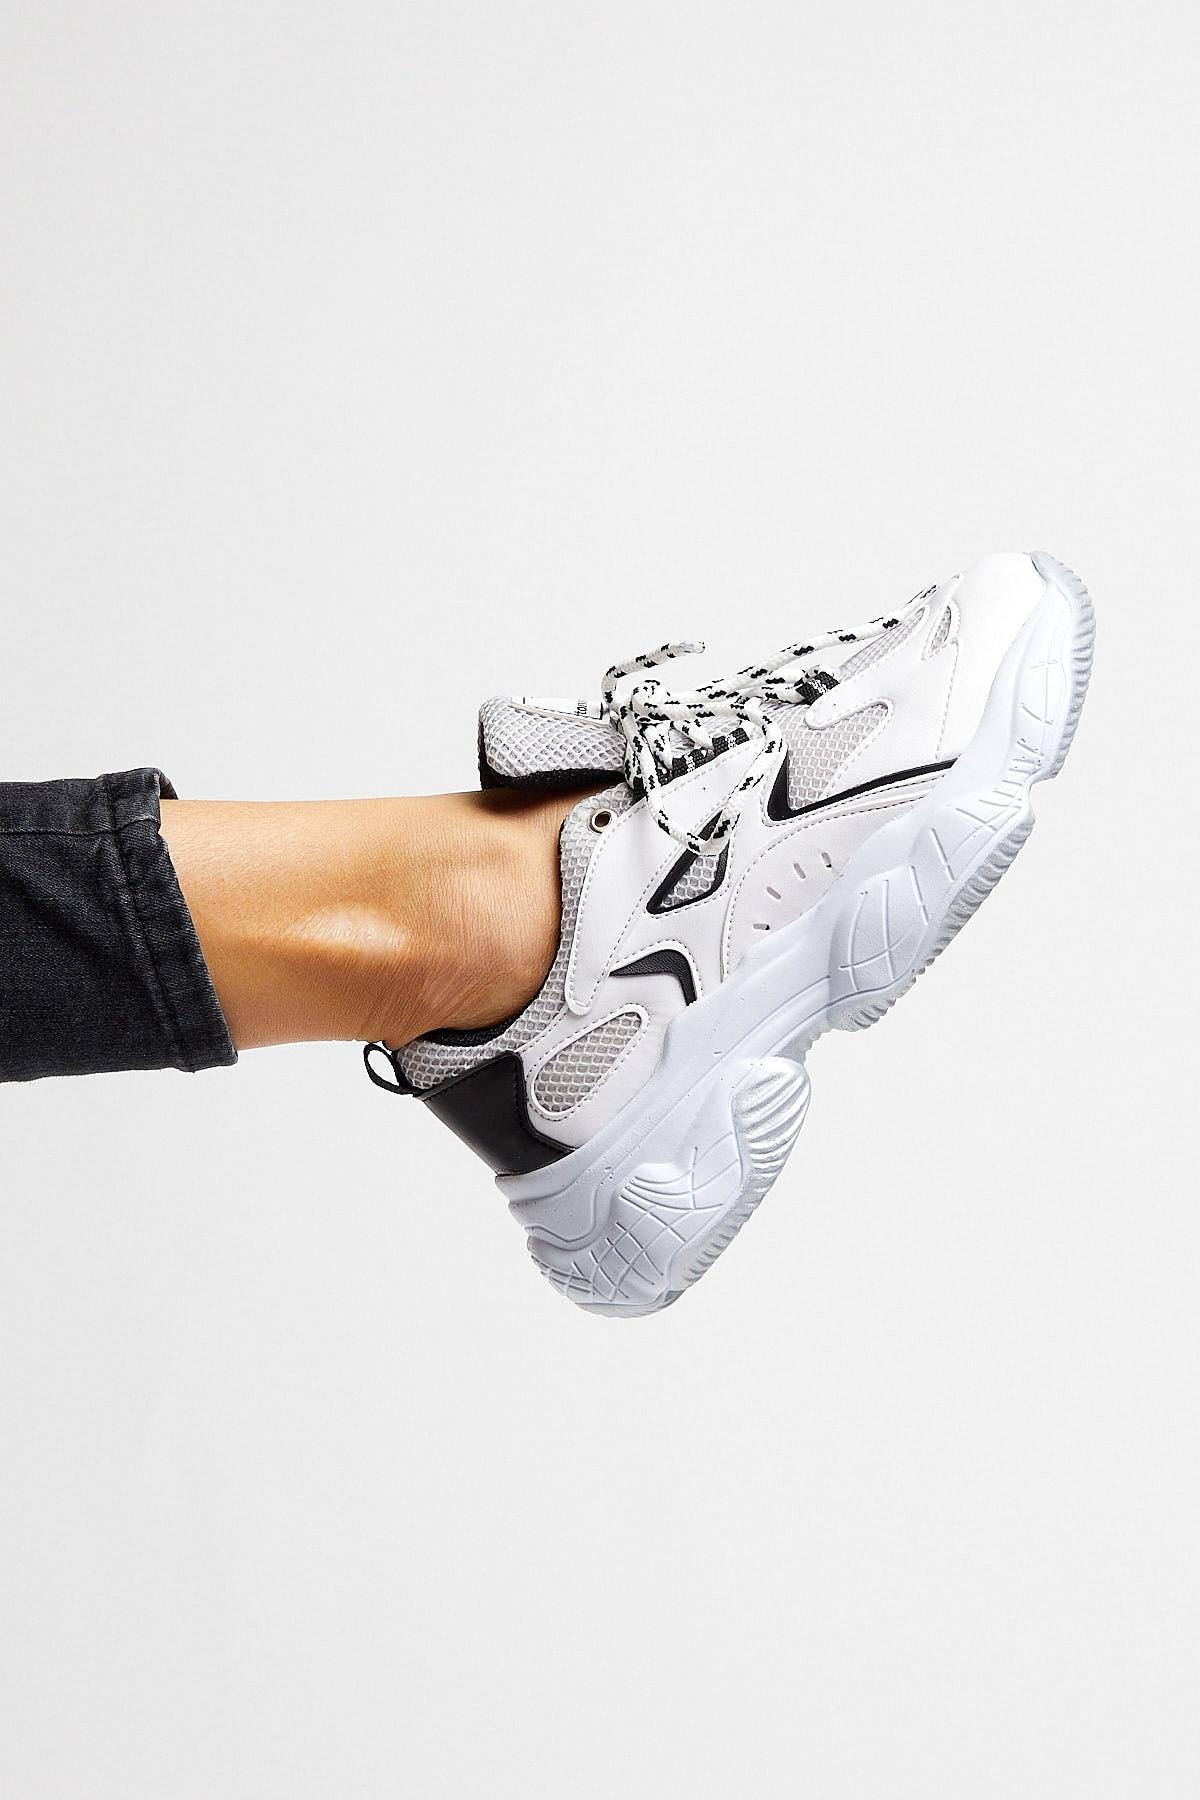 Tonny Black Kadın Spor Ayakkabı Beyaz Siyah Tb288 1